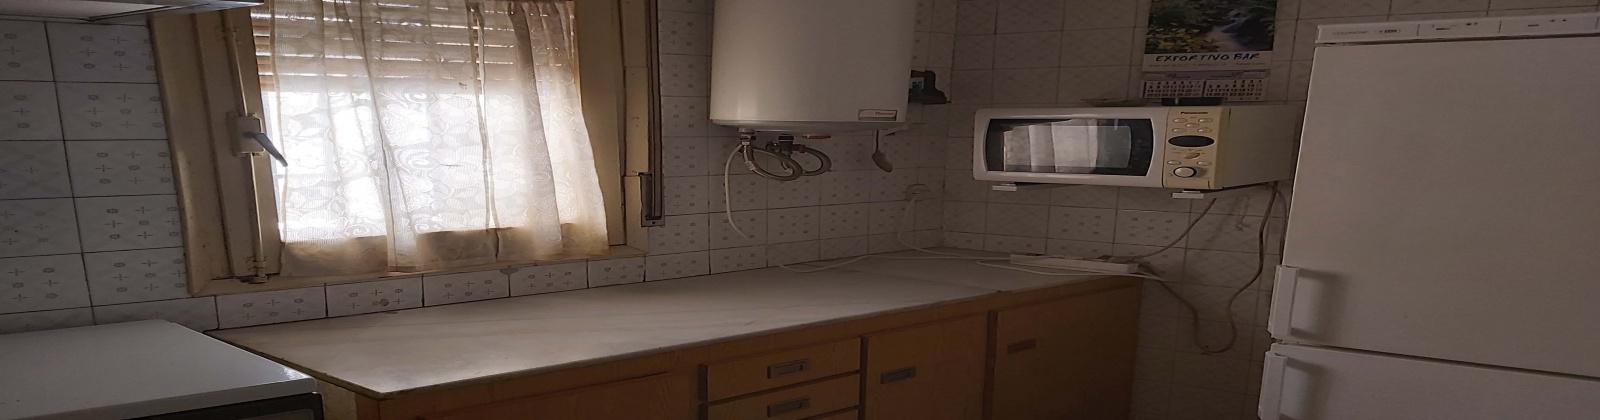 cocina casa